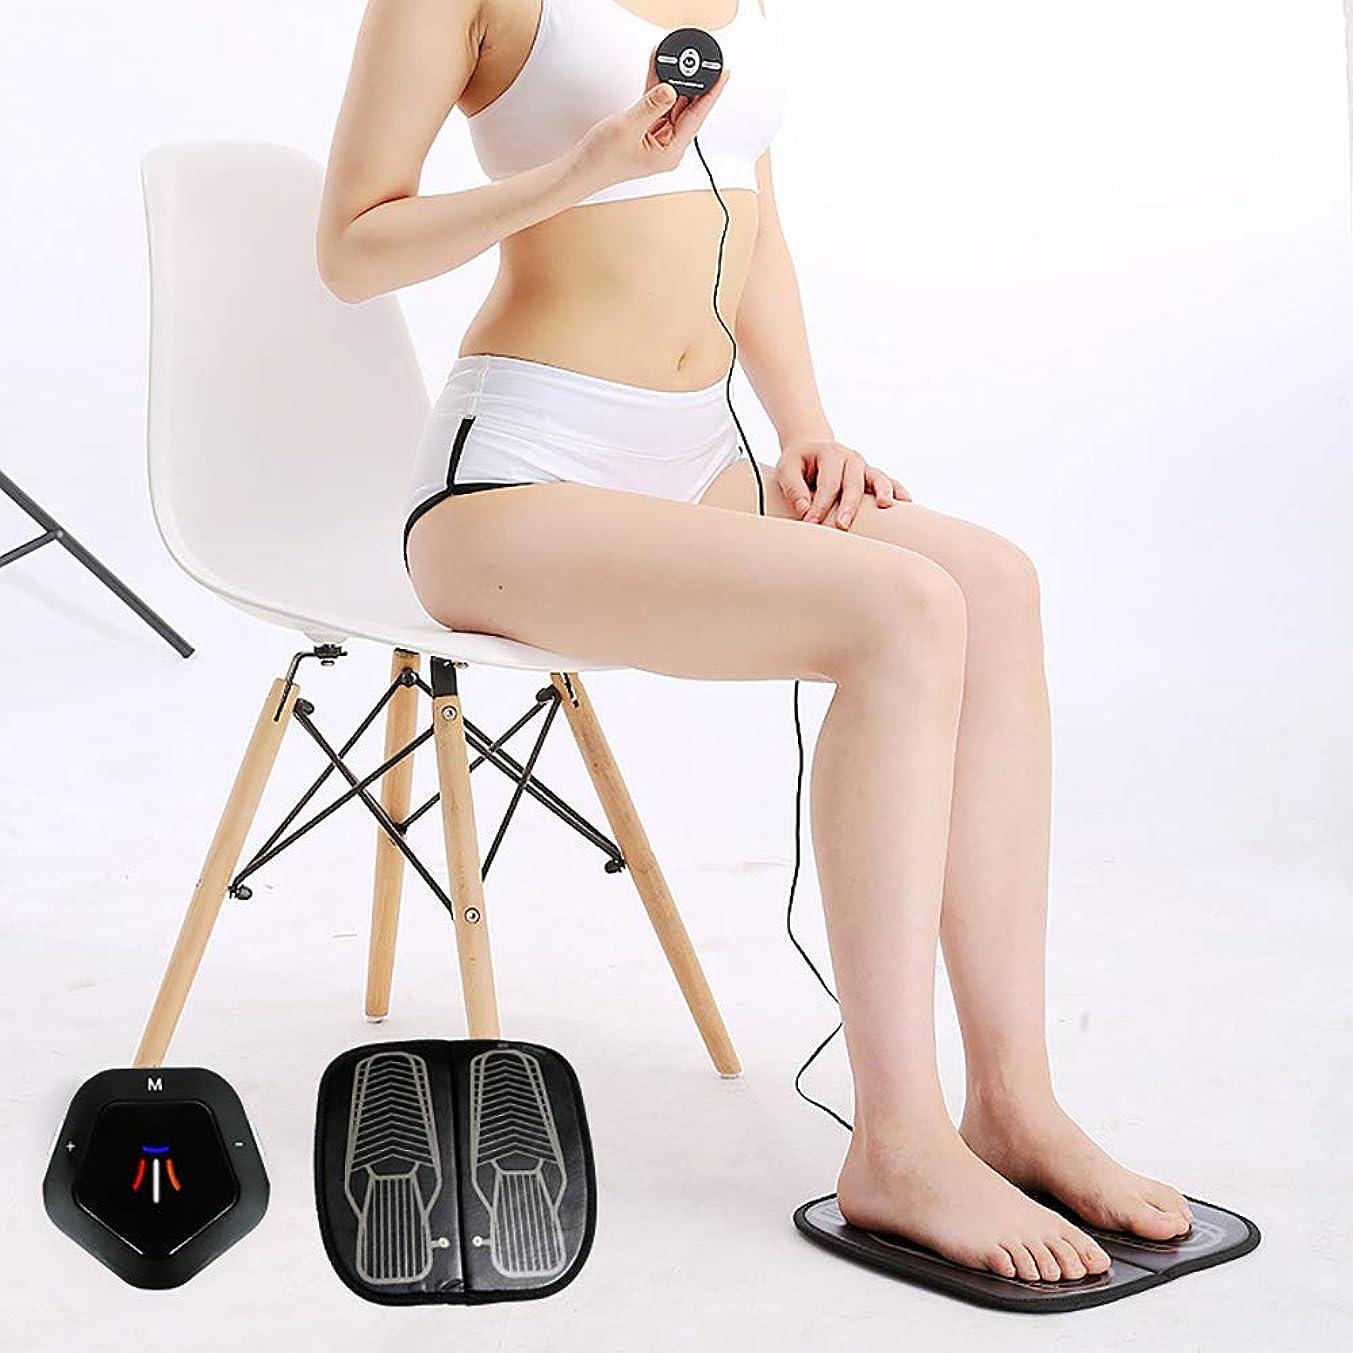 有限いくつかの無駄にEMS理学療法の足のマッサージのクッション、USBの再充電可能な振動の足のペディキュア機械はフィートの苦痛を取り除きます血循環を改善します